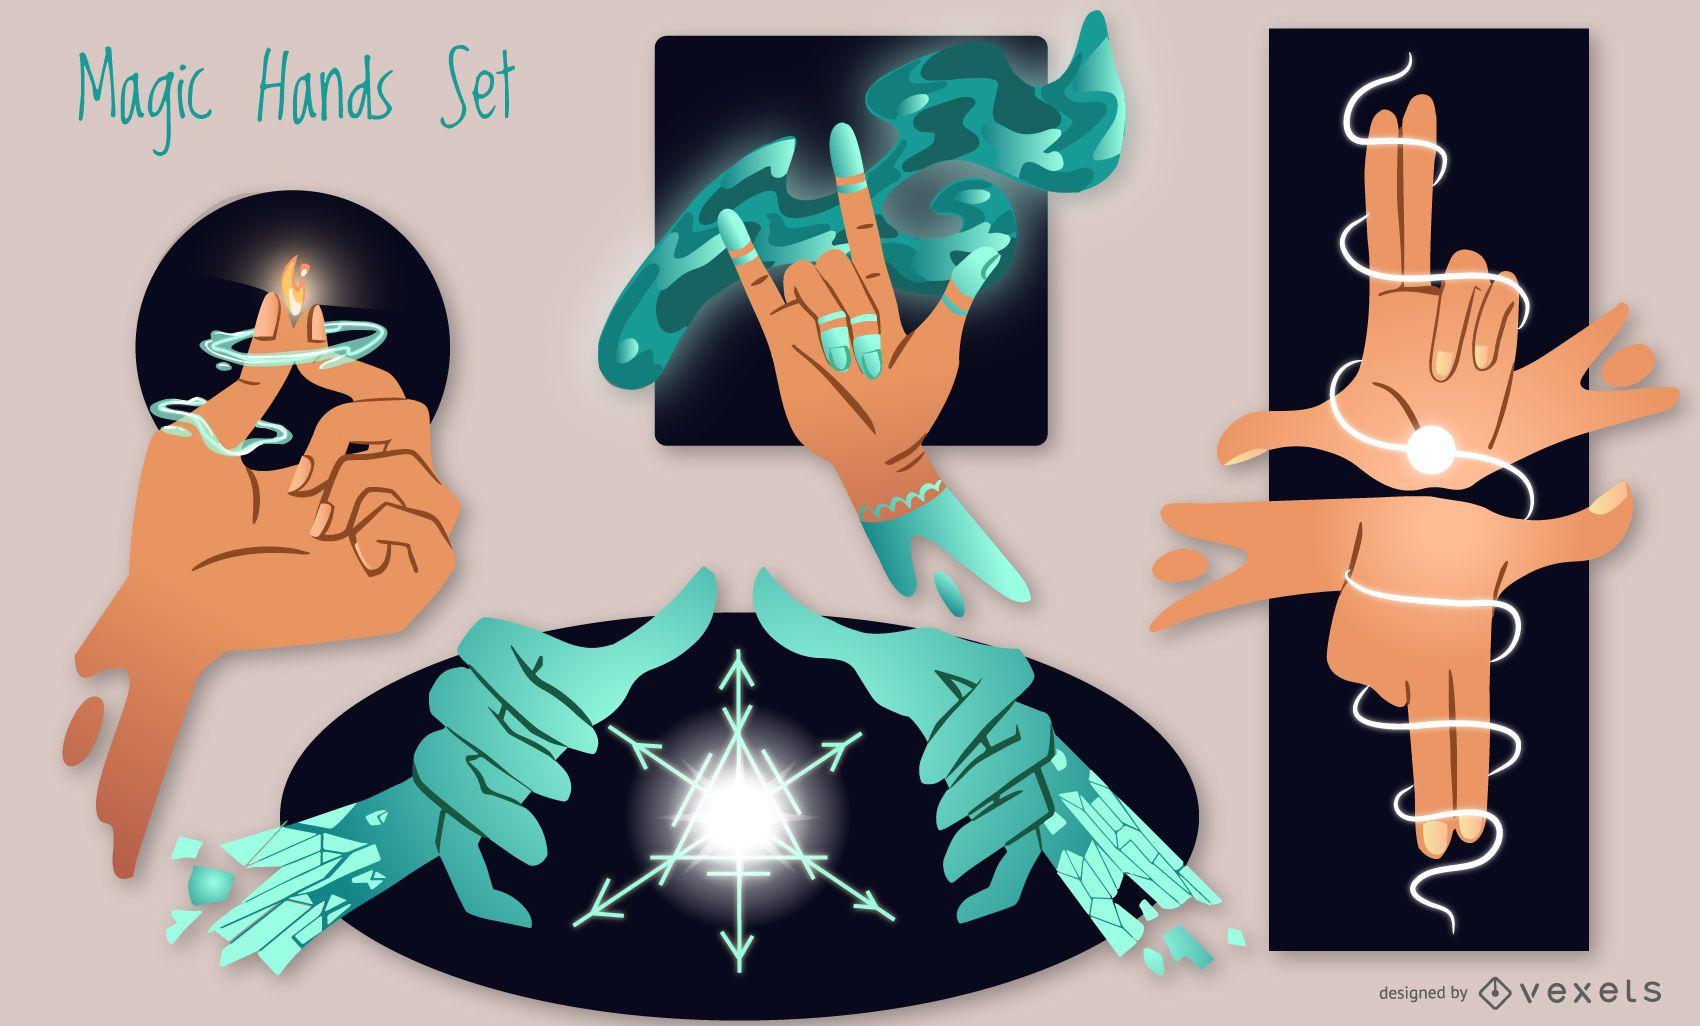 Magic hands illustrations